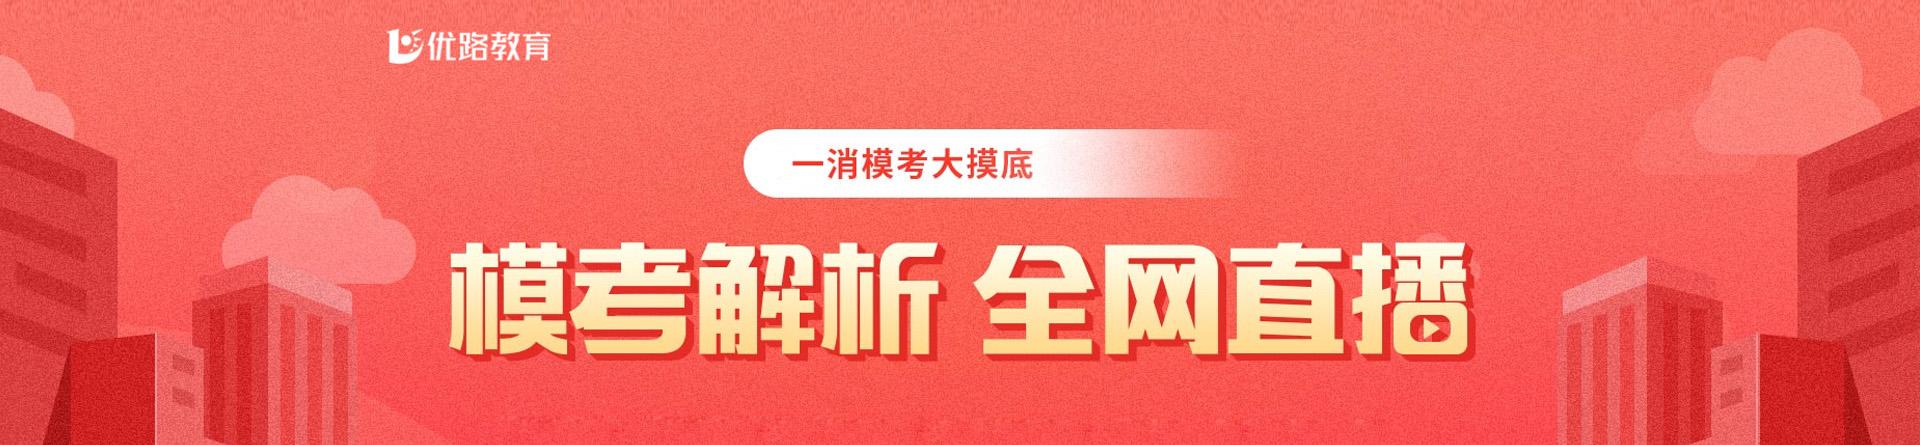 河北邯郸优路教育培训学校